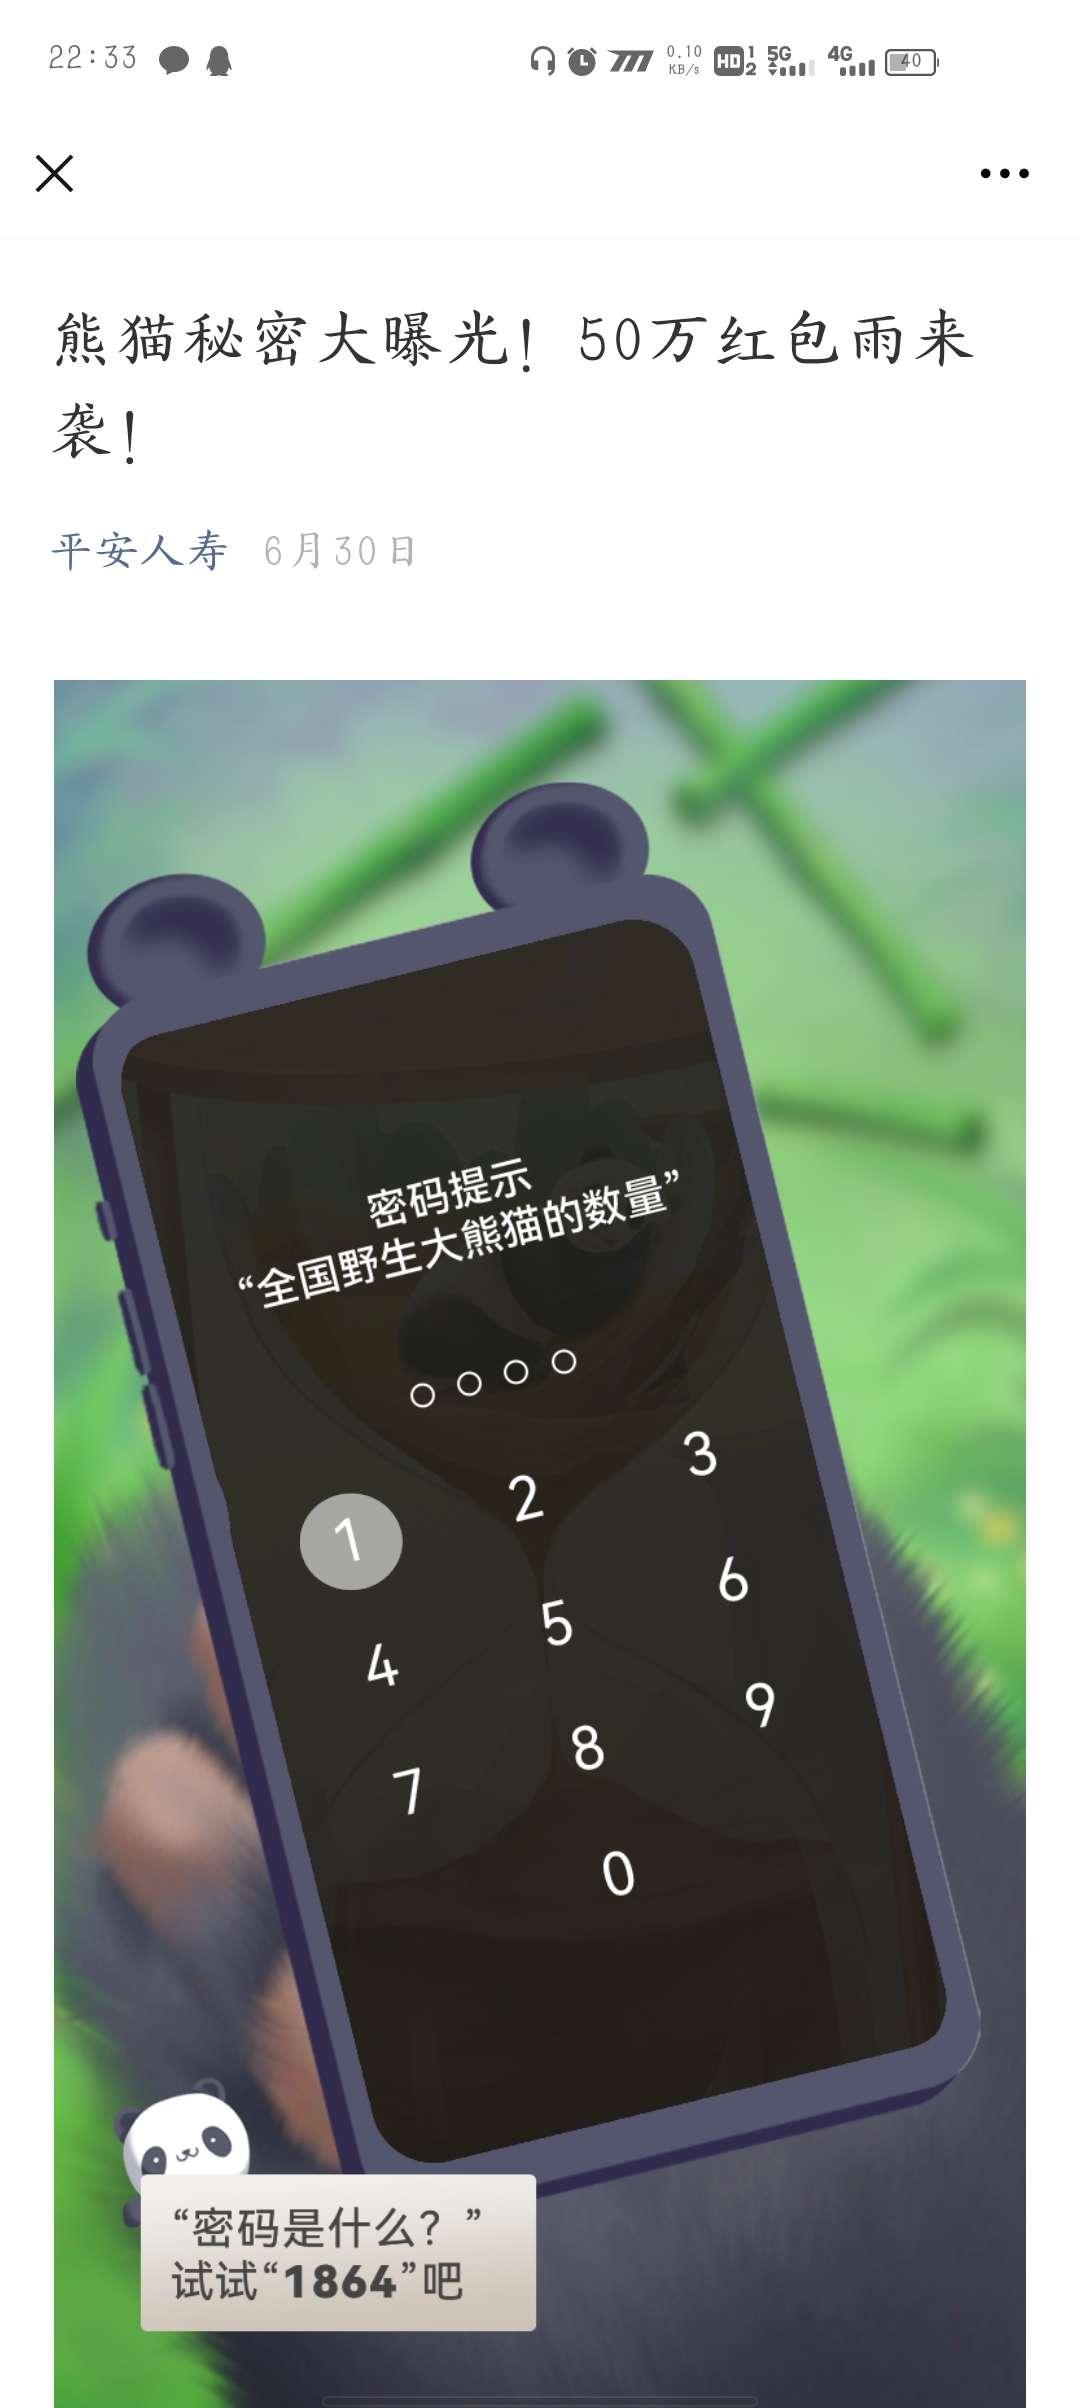 【现金红包】平安生命守护熊猫家的转盘抽签插图